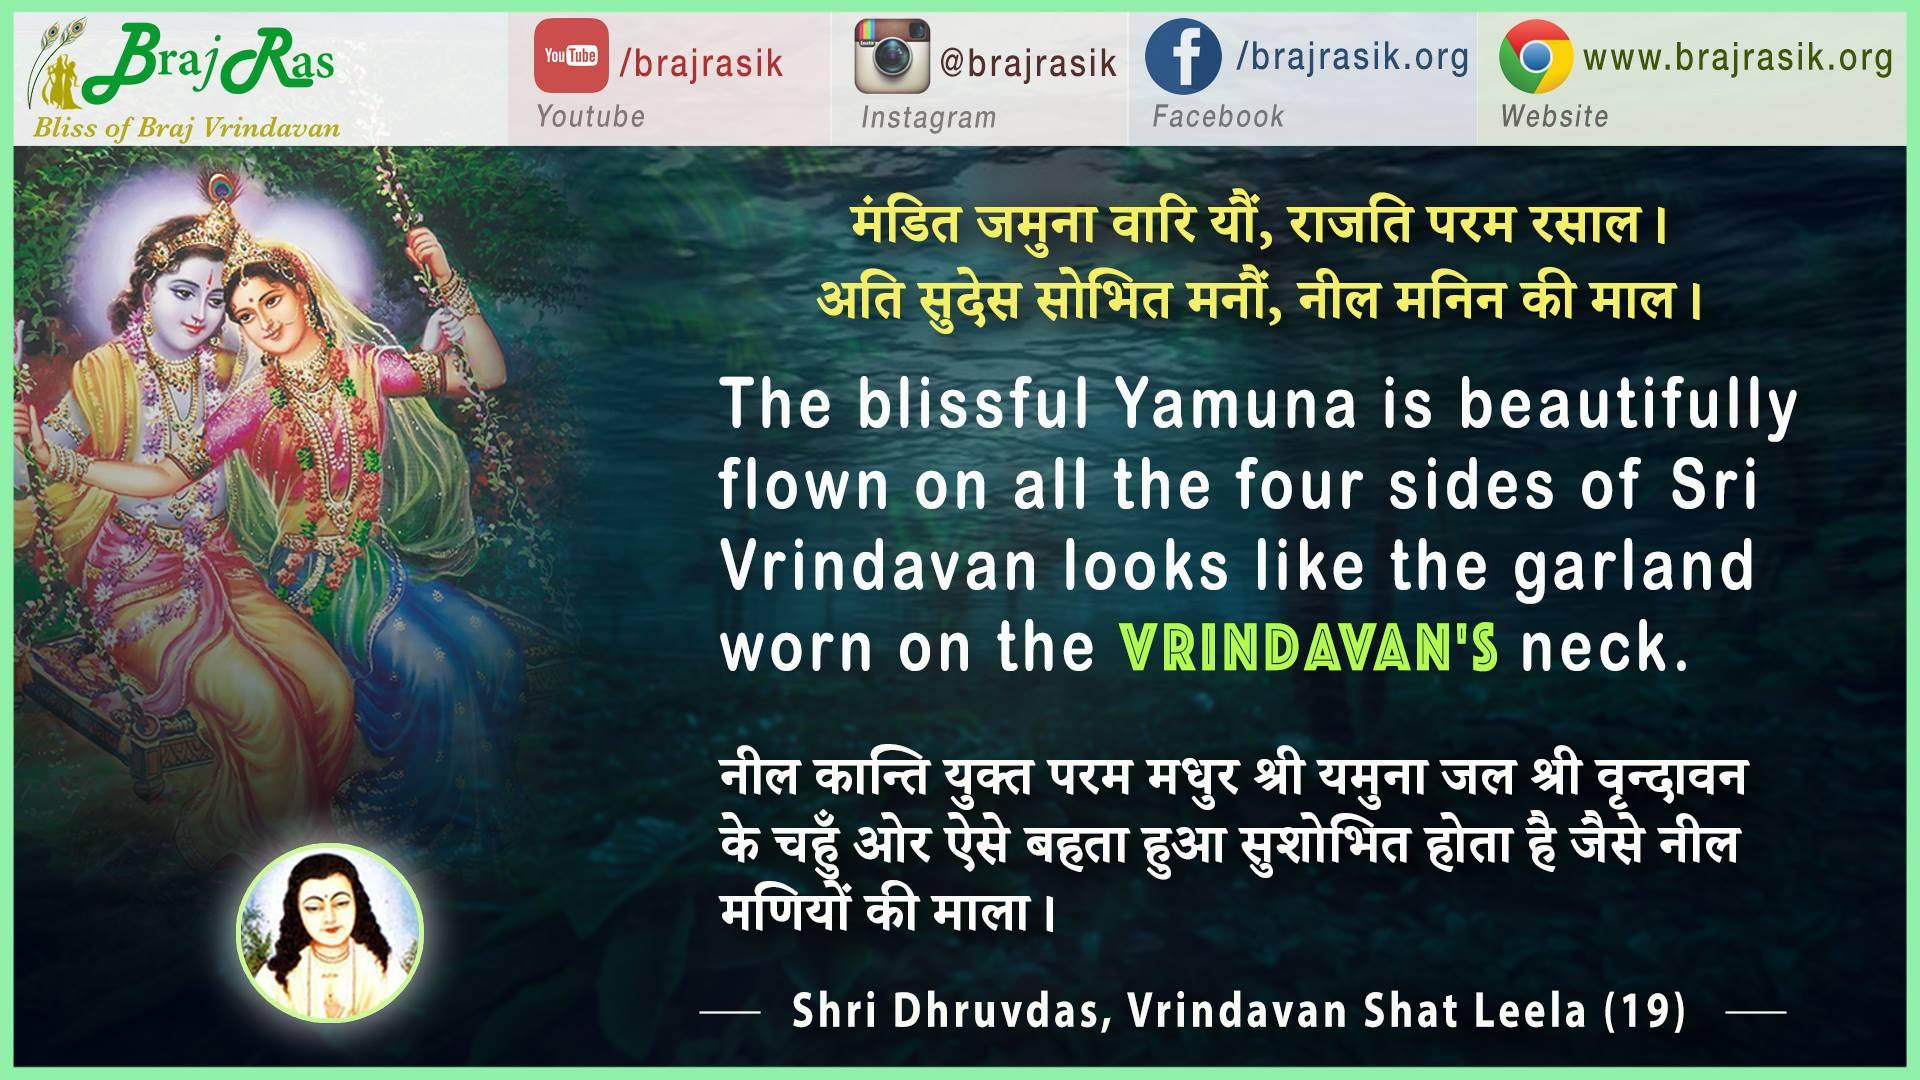 Mandit Jamuna Vaari Yon, Rajati Param Rasaal - Shri Dhruvdas, Vrindavan Shat Leela (19)